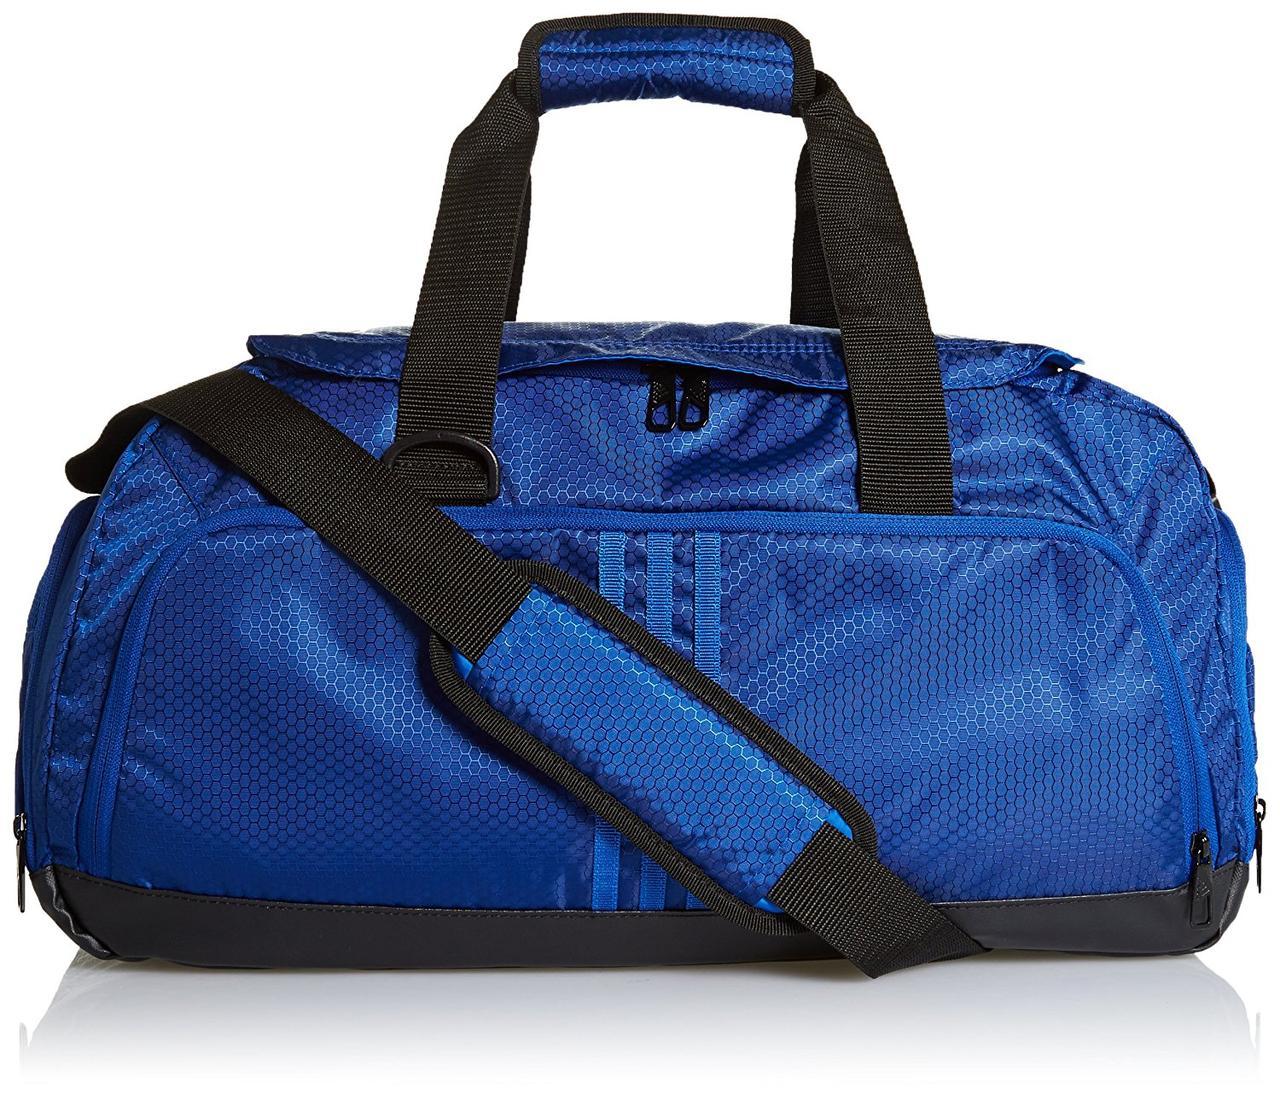 Сумка спортивная adidas 3 Stripe Small AB2343 (синяя, вентилируемый отсек для обуви, 38 литров, бренд адидас)